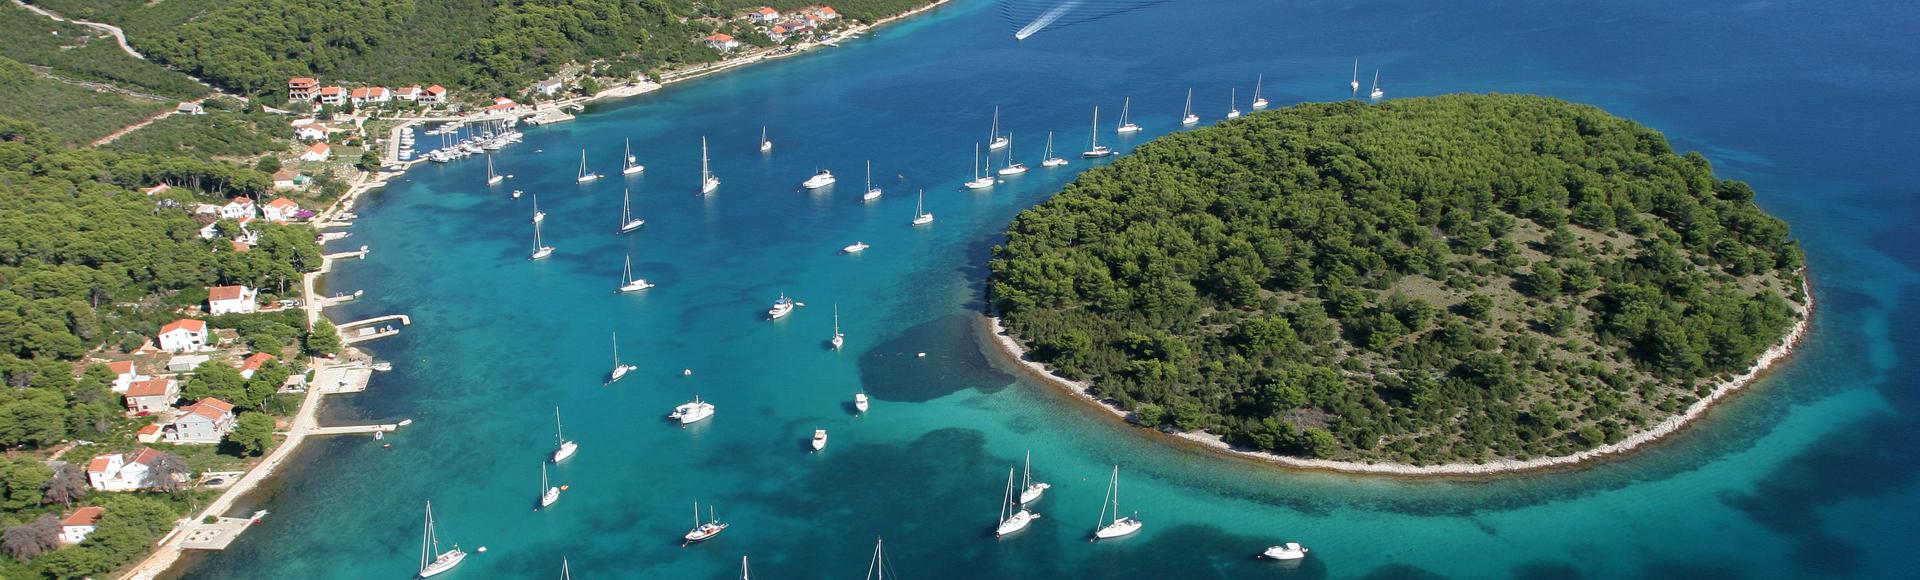 Jedrenje dalmatinskim otocima